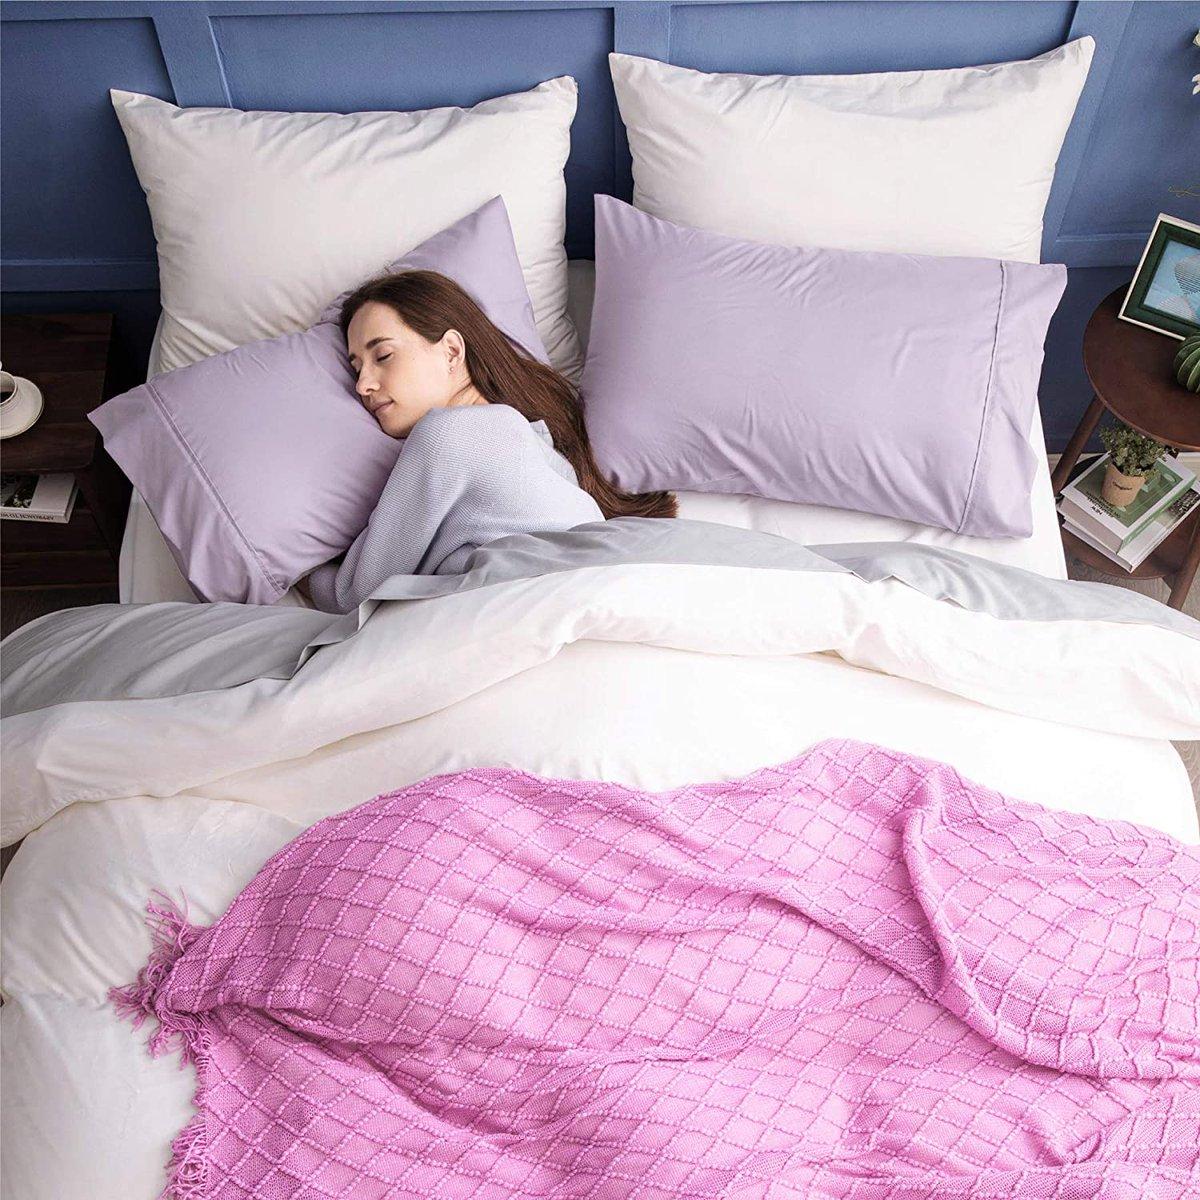 Bedsure 2 Pack Microfiber Pillowcases, Envelope Closure $7   2